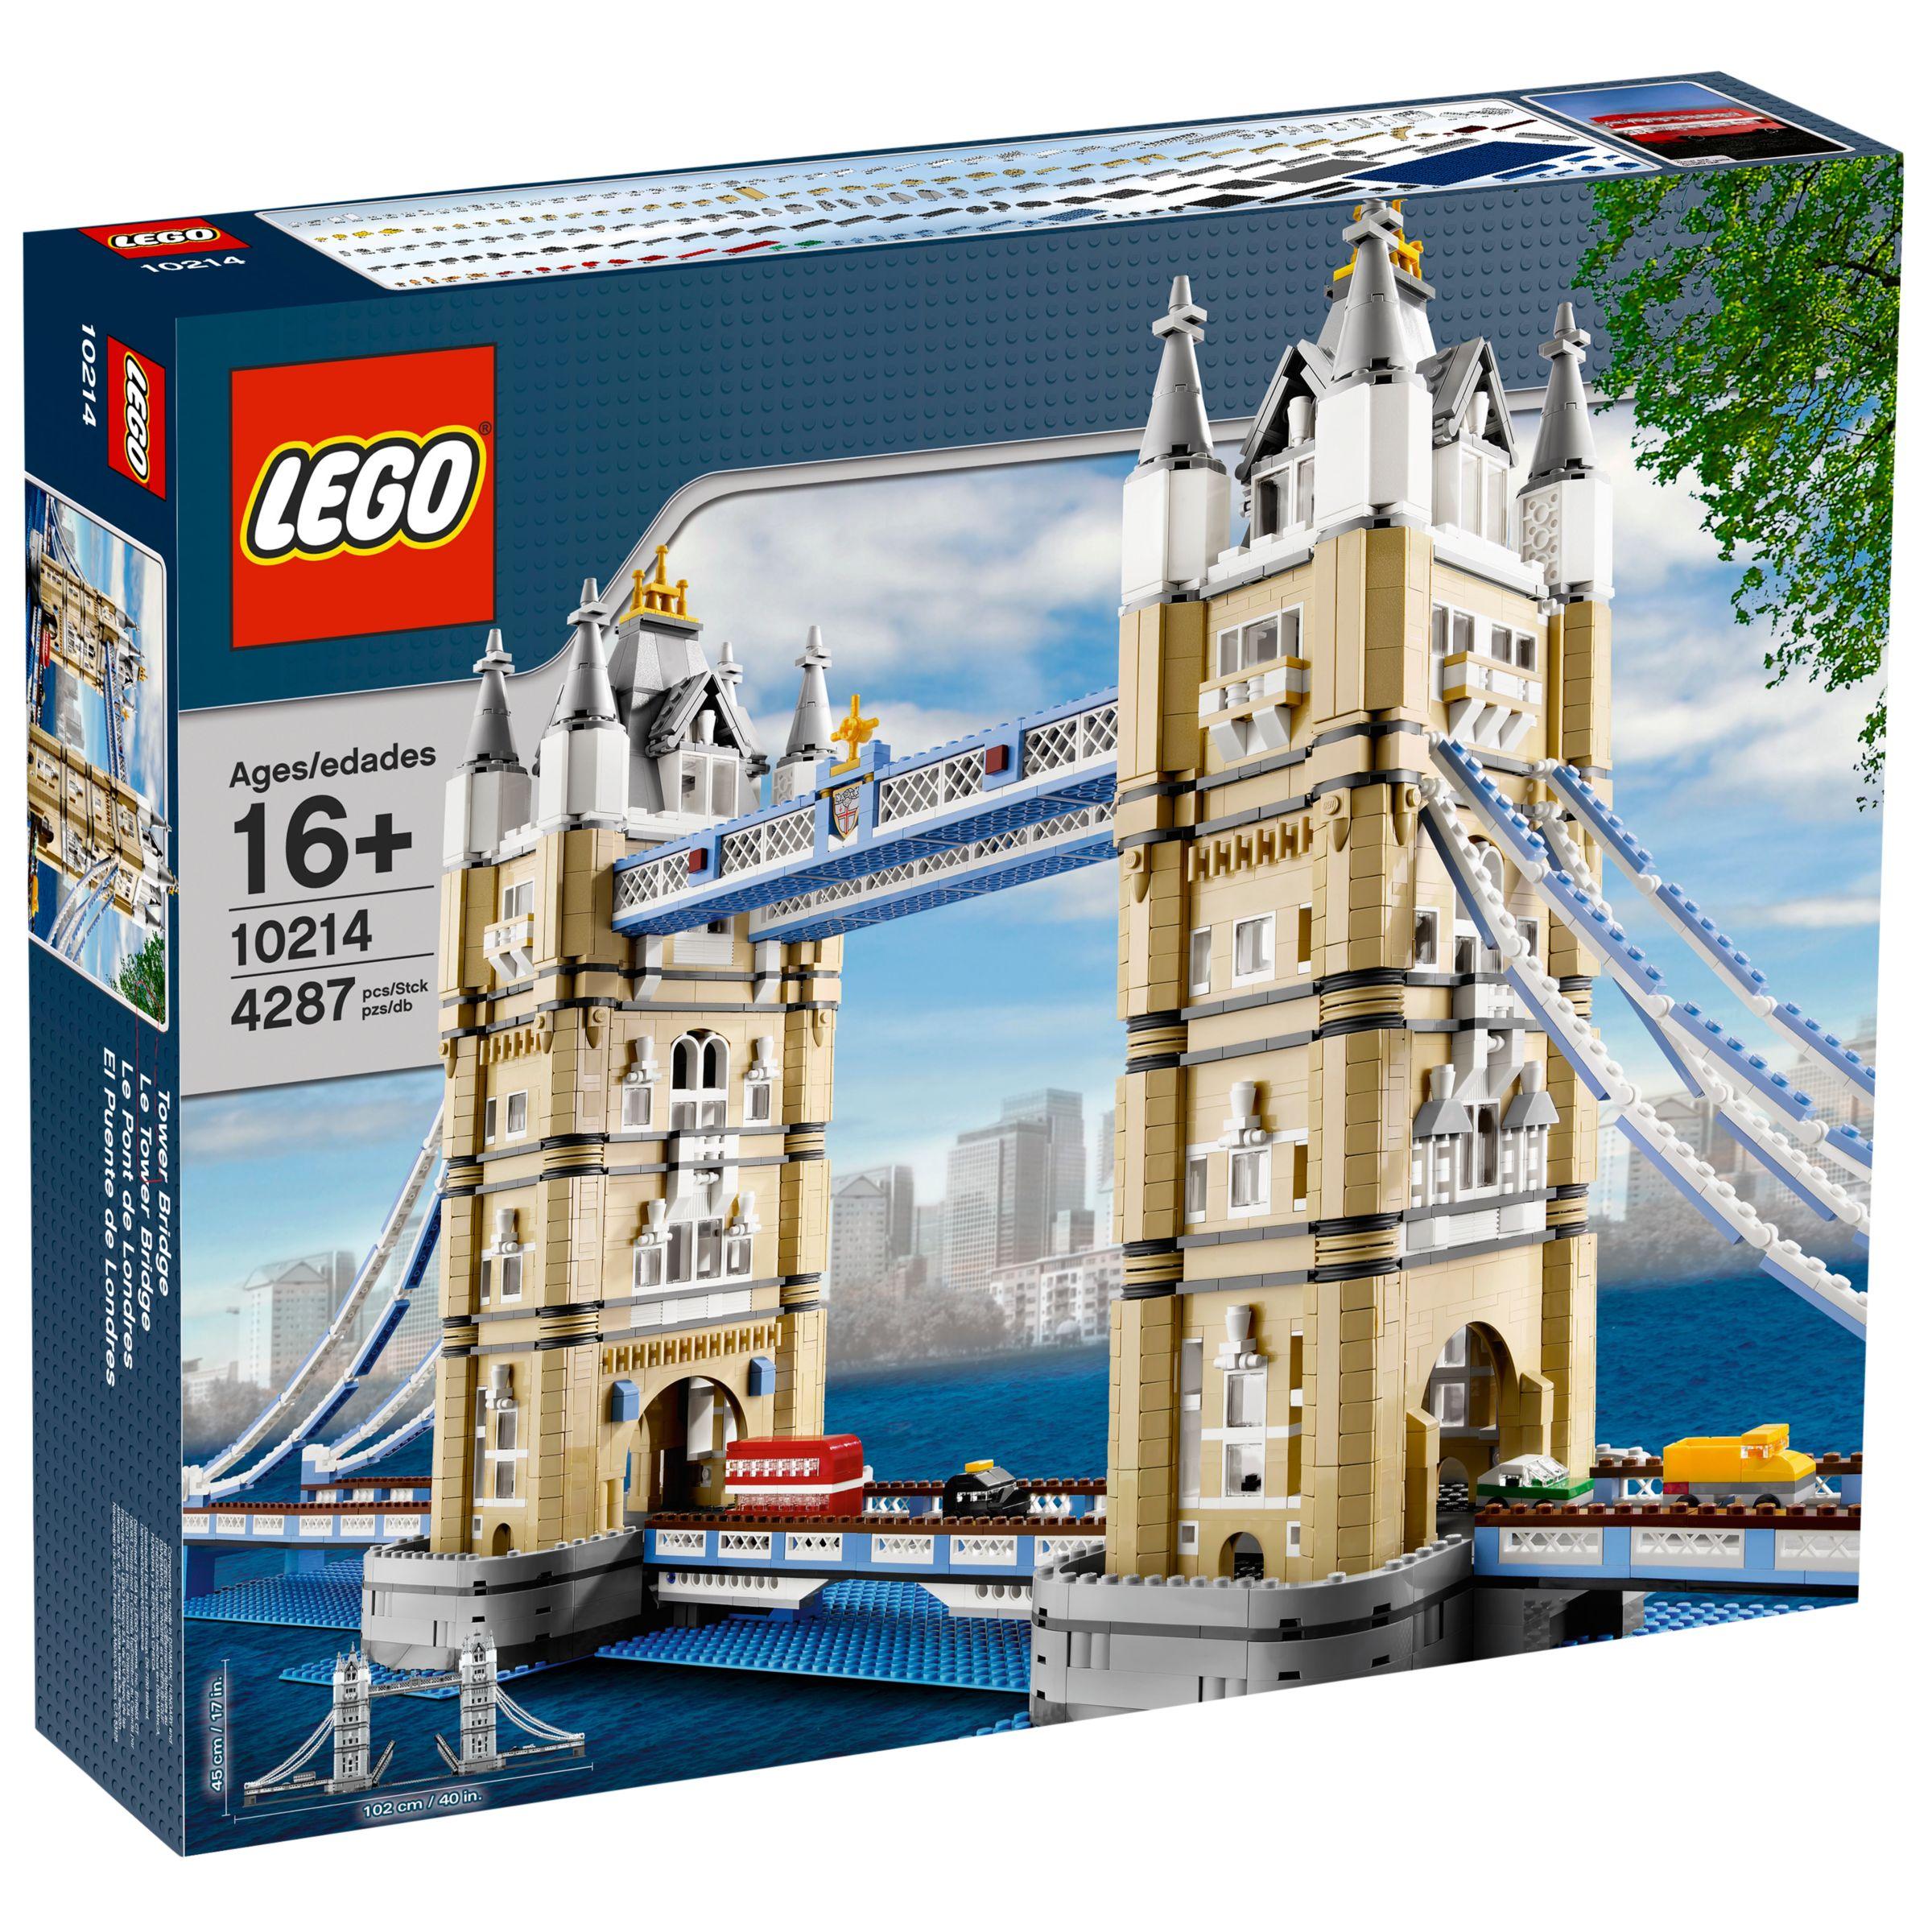 Lego 4000 pieces